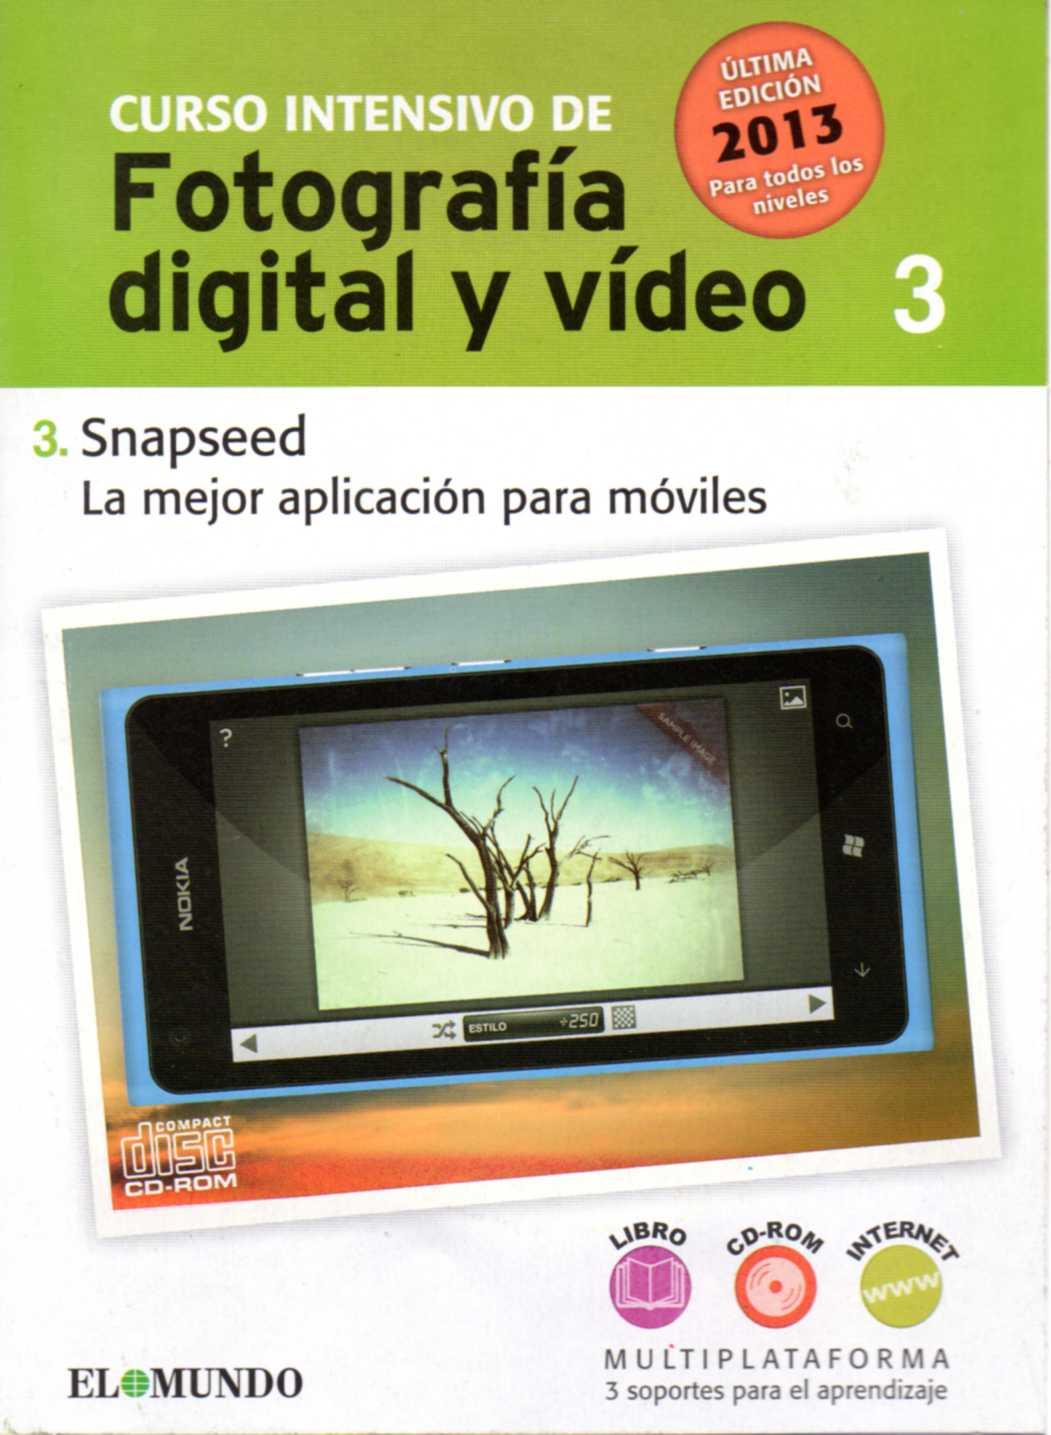 CURSO INTENSIVO DE FOTOGRAFÍA DIGITAL Y VÍDEO. CD-ROM nº 3: Snapseed. La mejor aplicación para móviles.